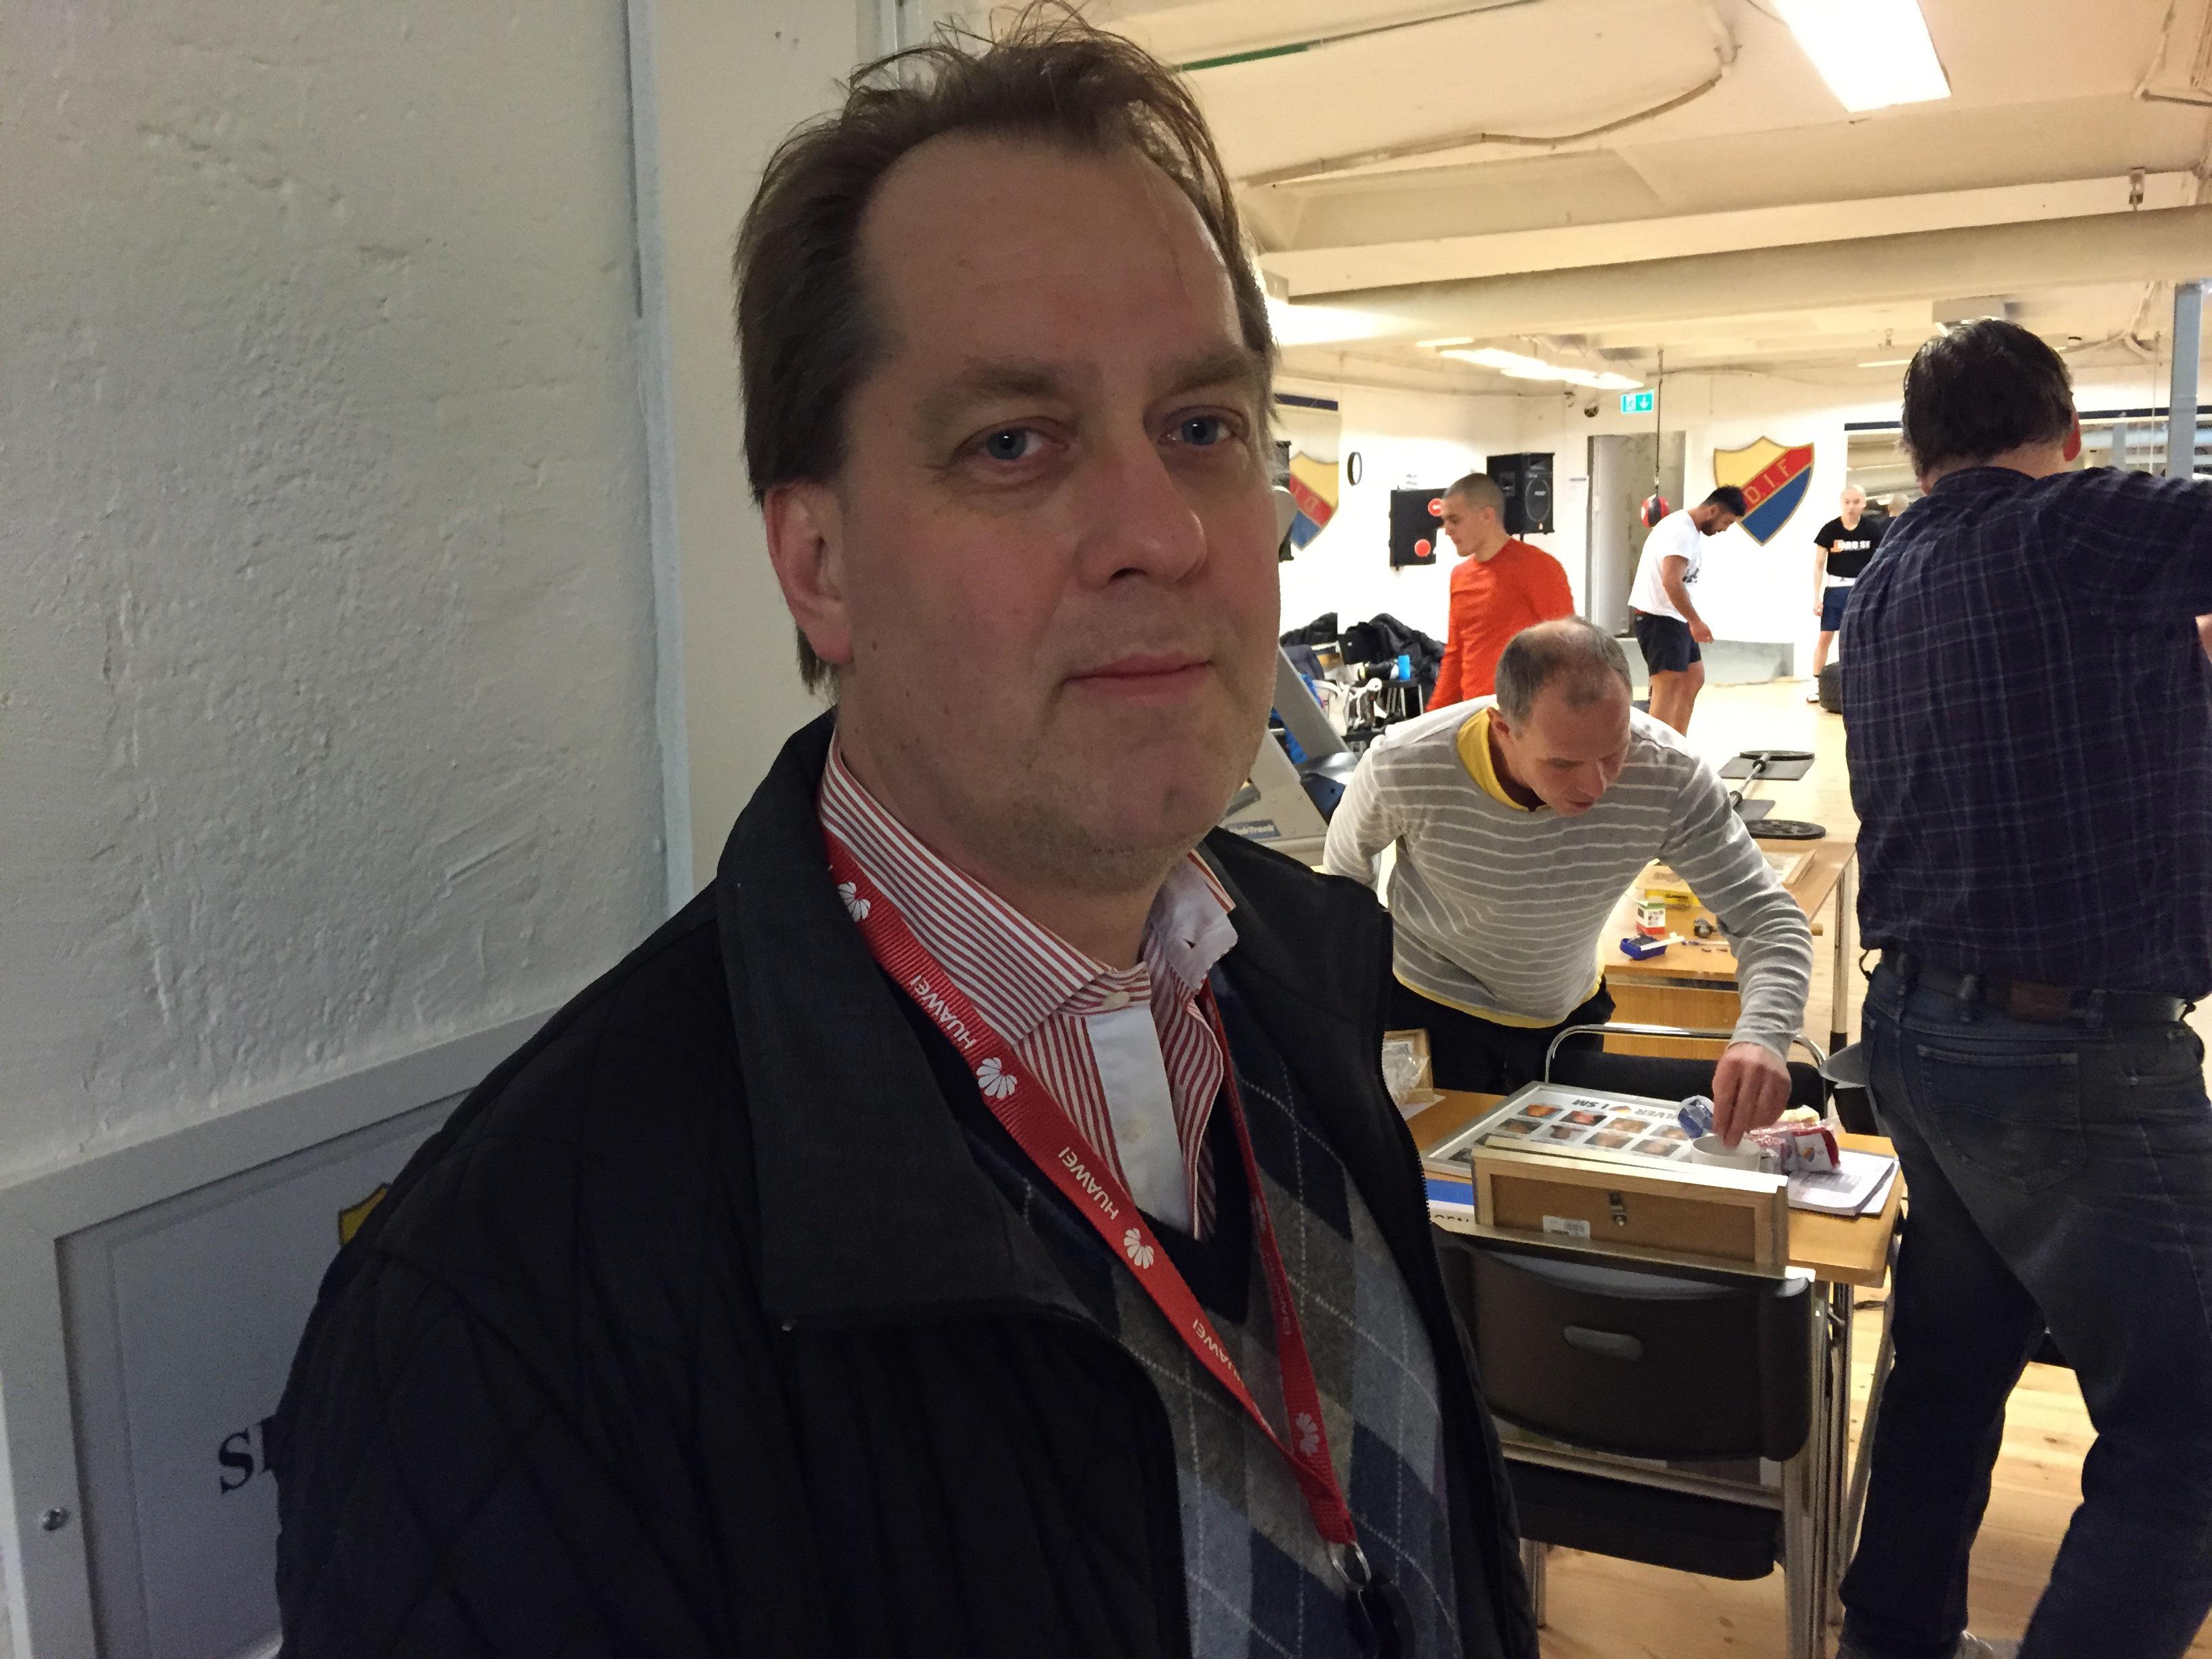 Niclas Selberg omvald som ordförande i Djurgården Boxnkng